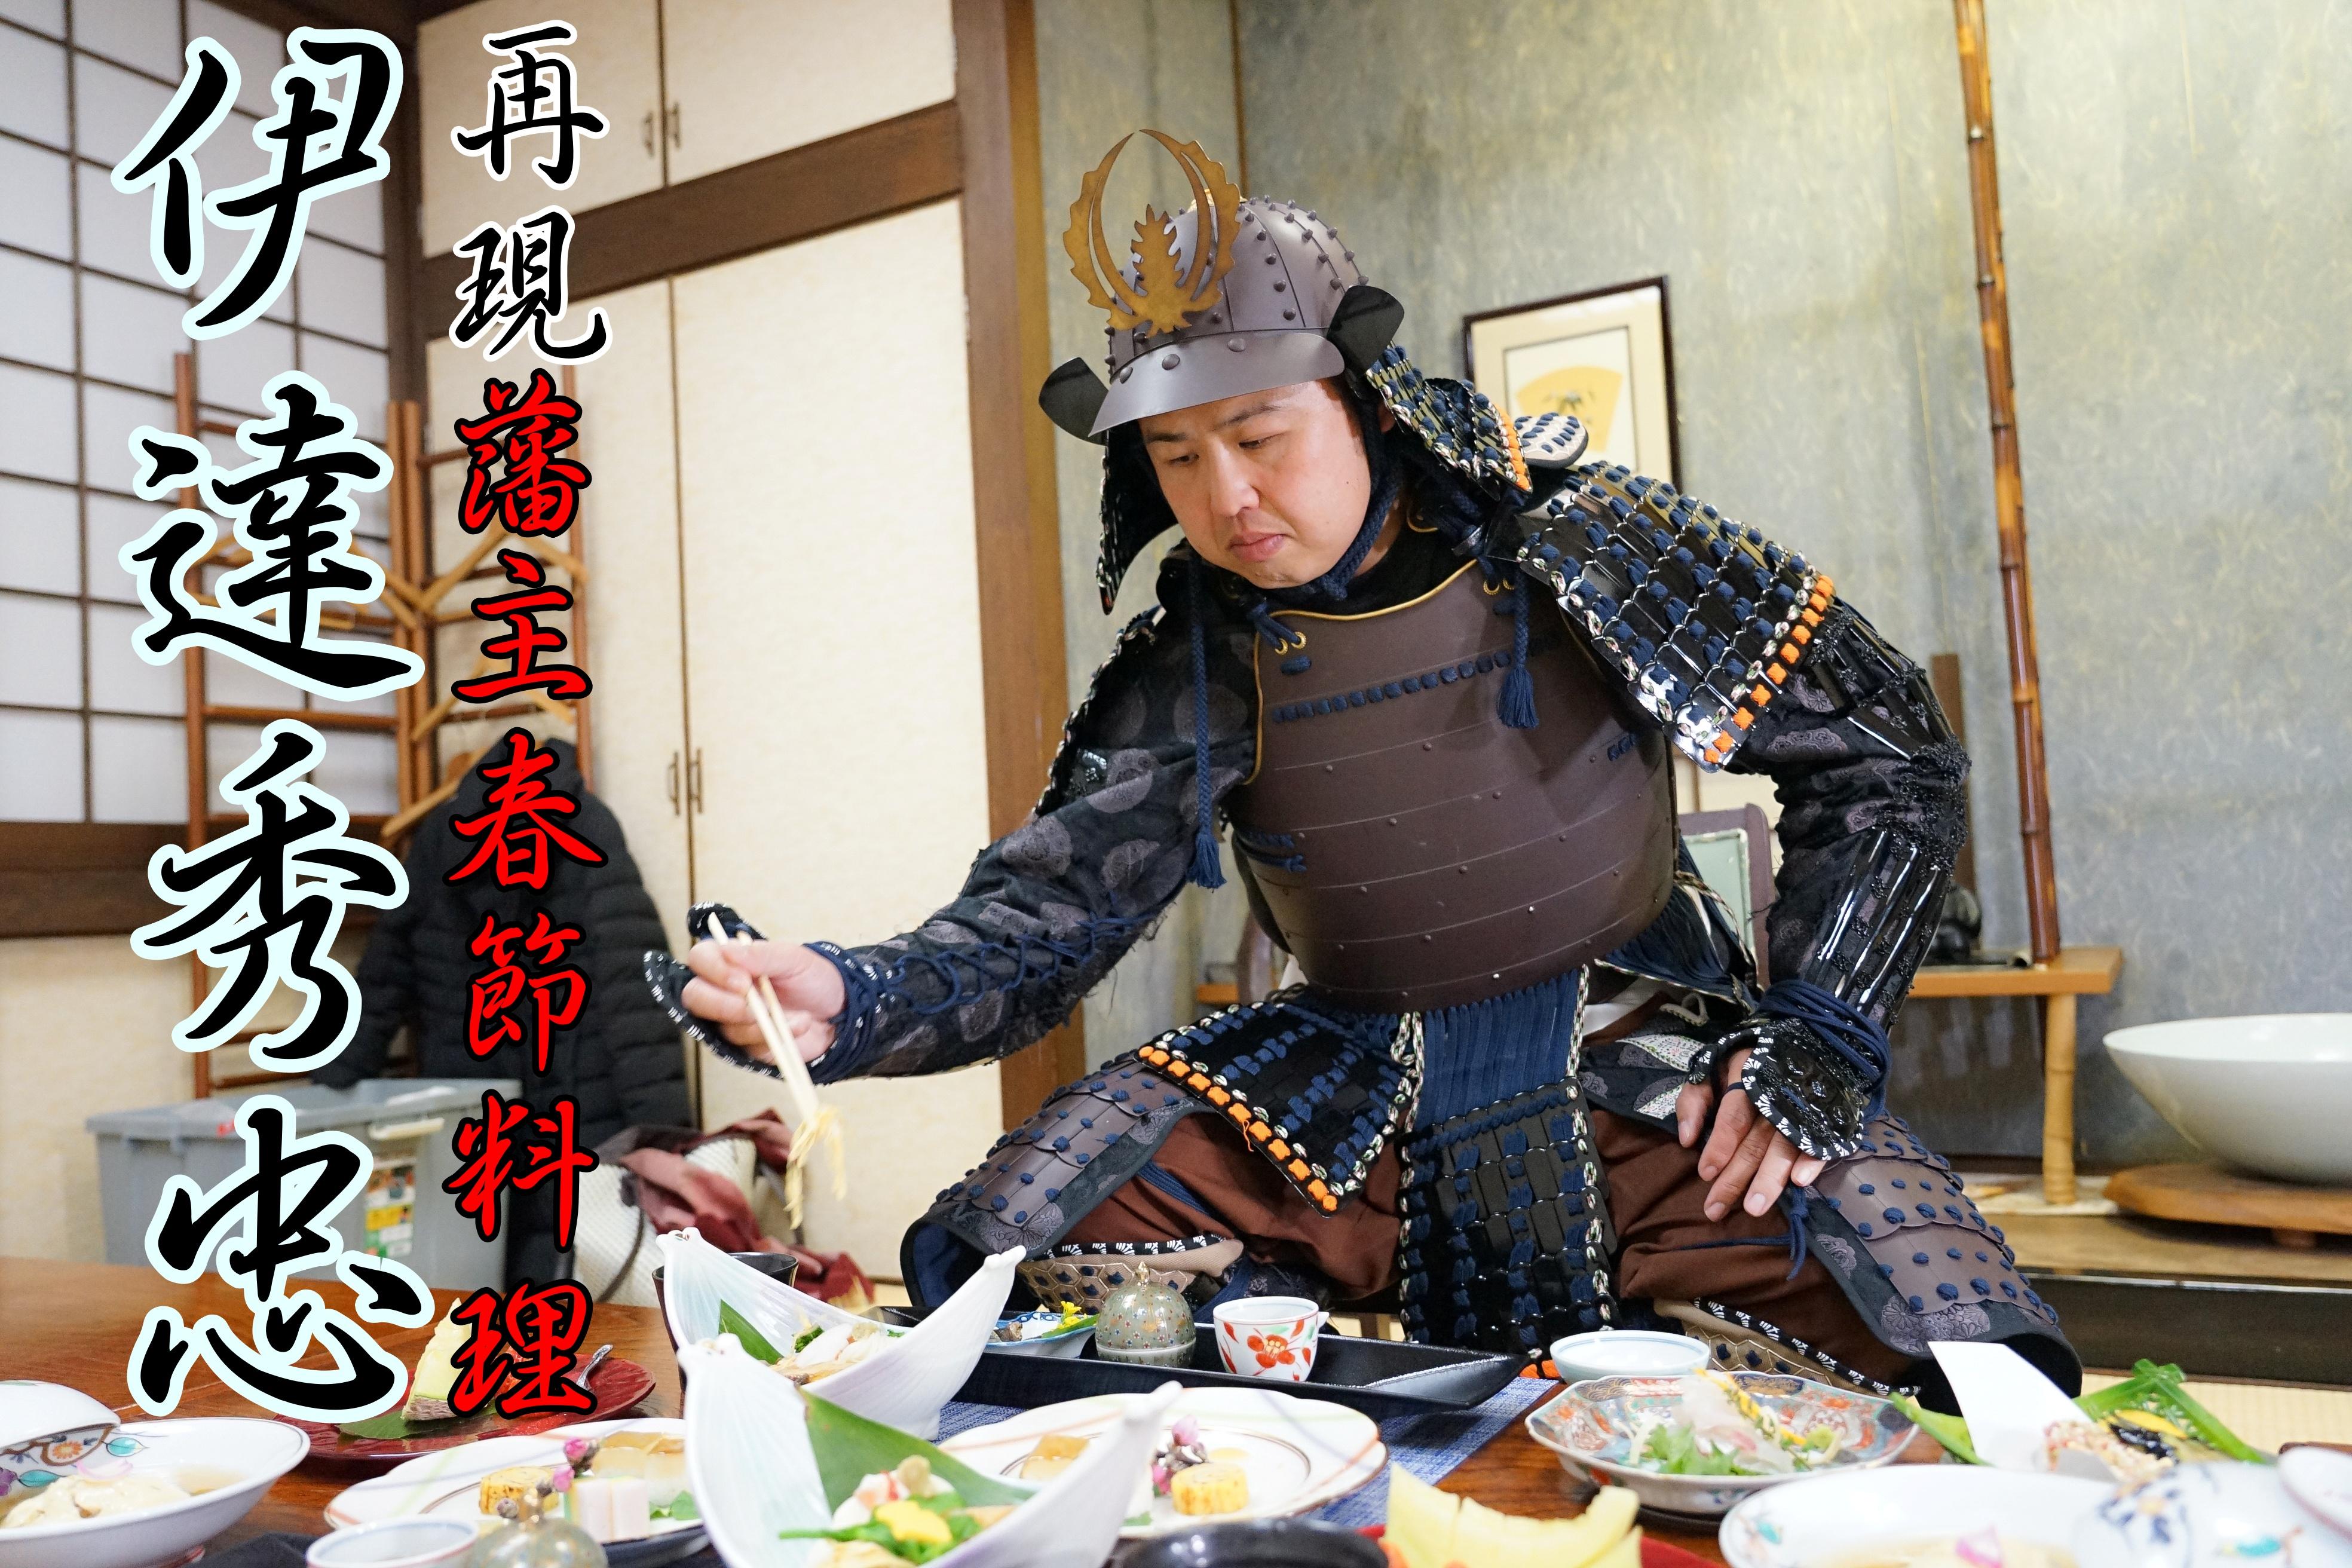 [日本愛媛宇和島美食] 穿著日本將軍盔甲 享用400年前伊達秀宗藩主春節料理 美味鯛魚&獨特體驗讓人大呼過癮  還可以用中文預定唷 -うわじまの料理や 有明 @跳躍的宅男